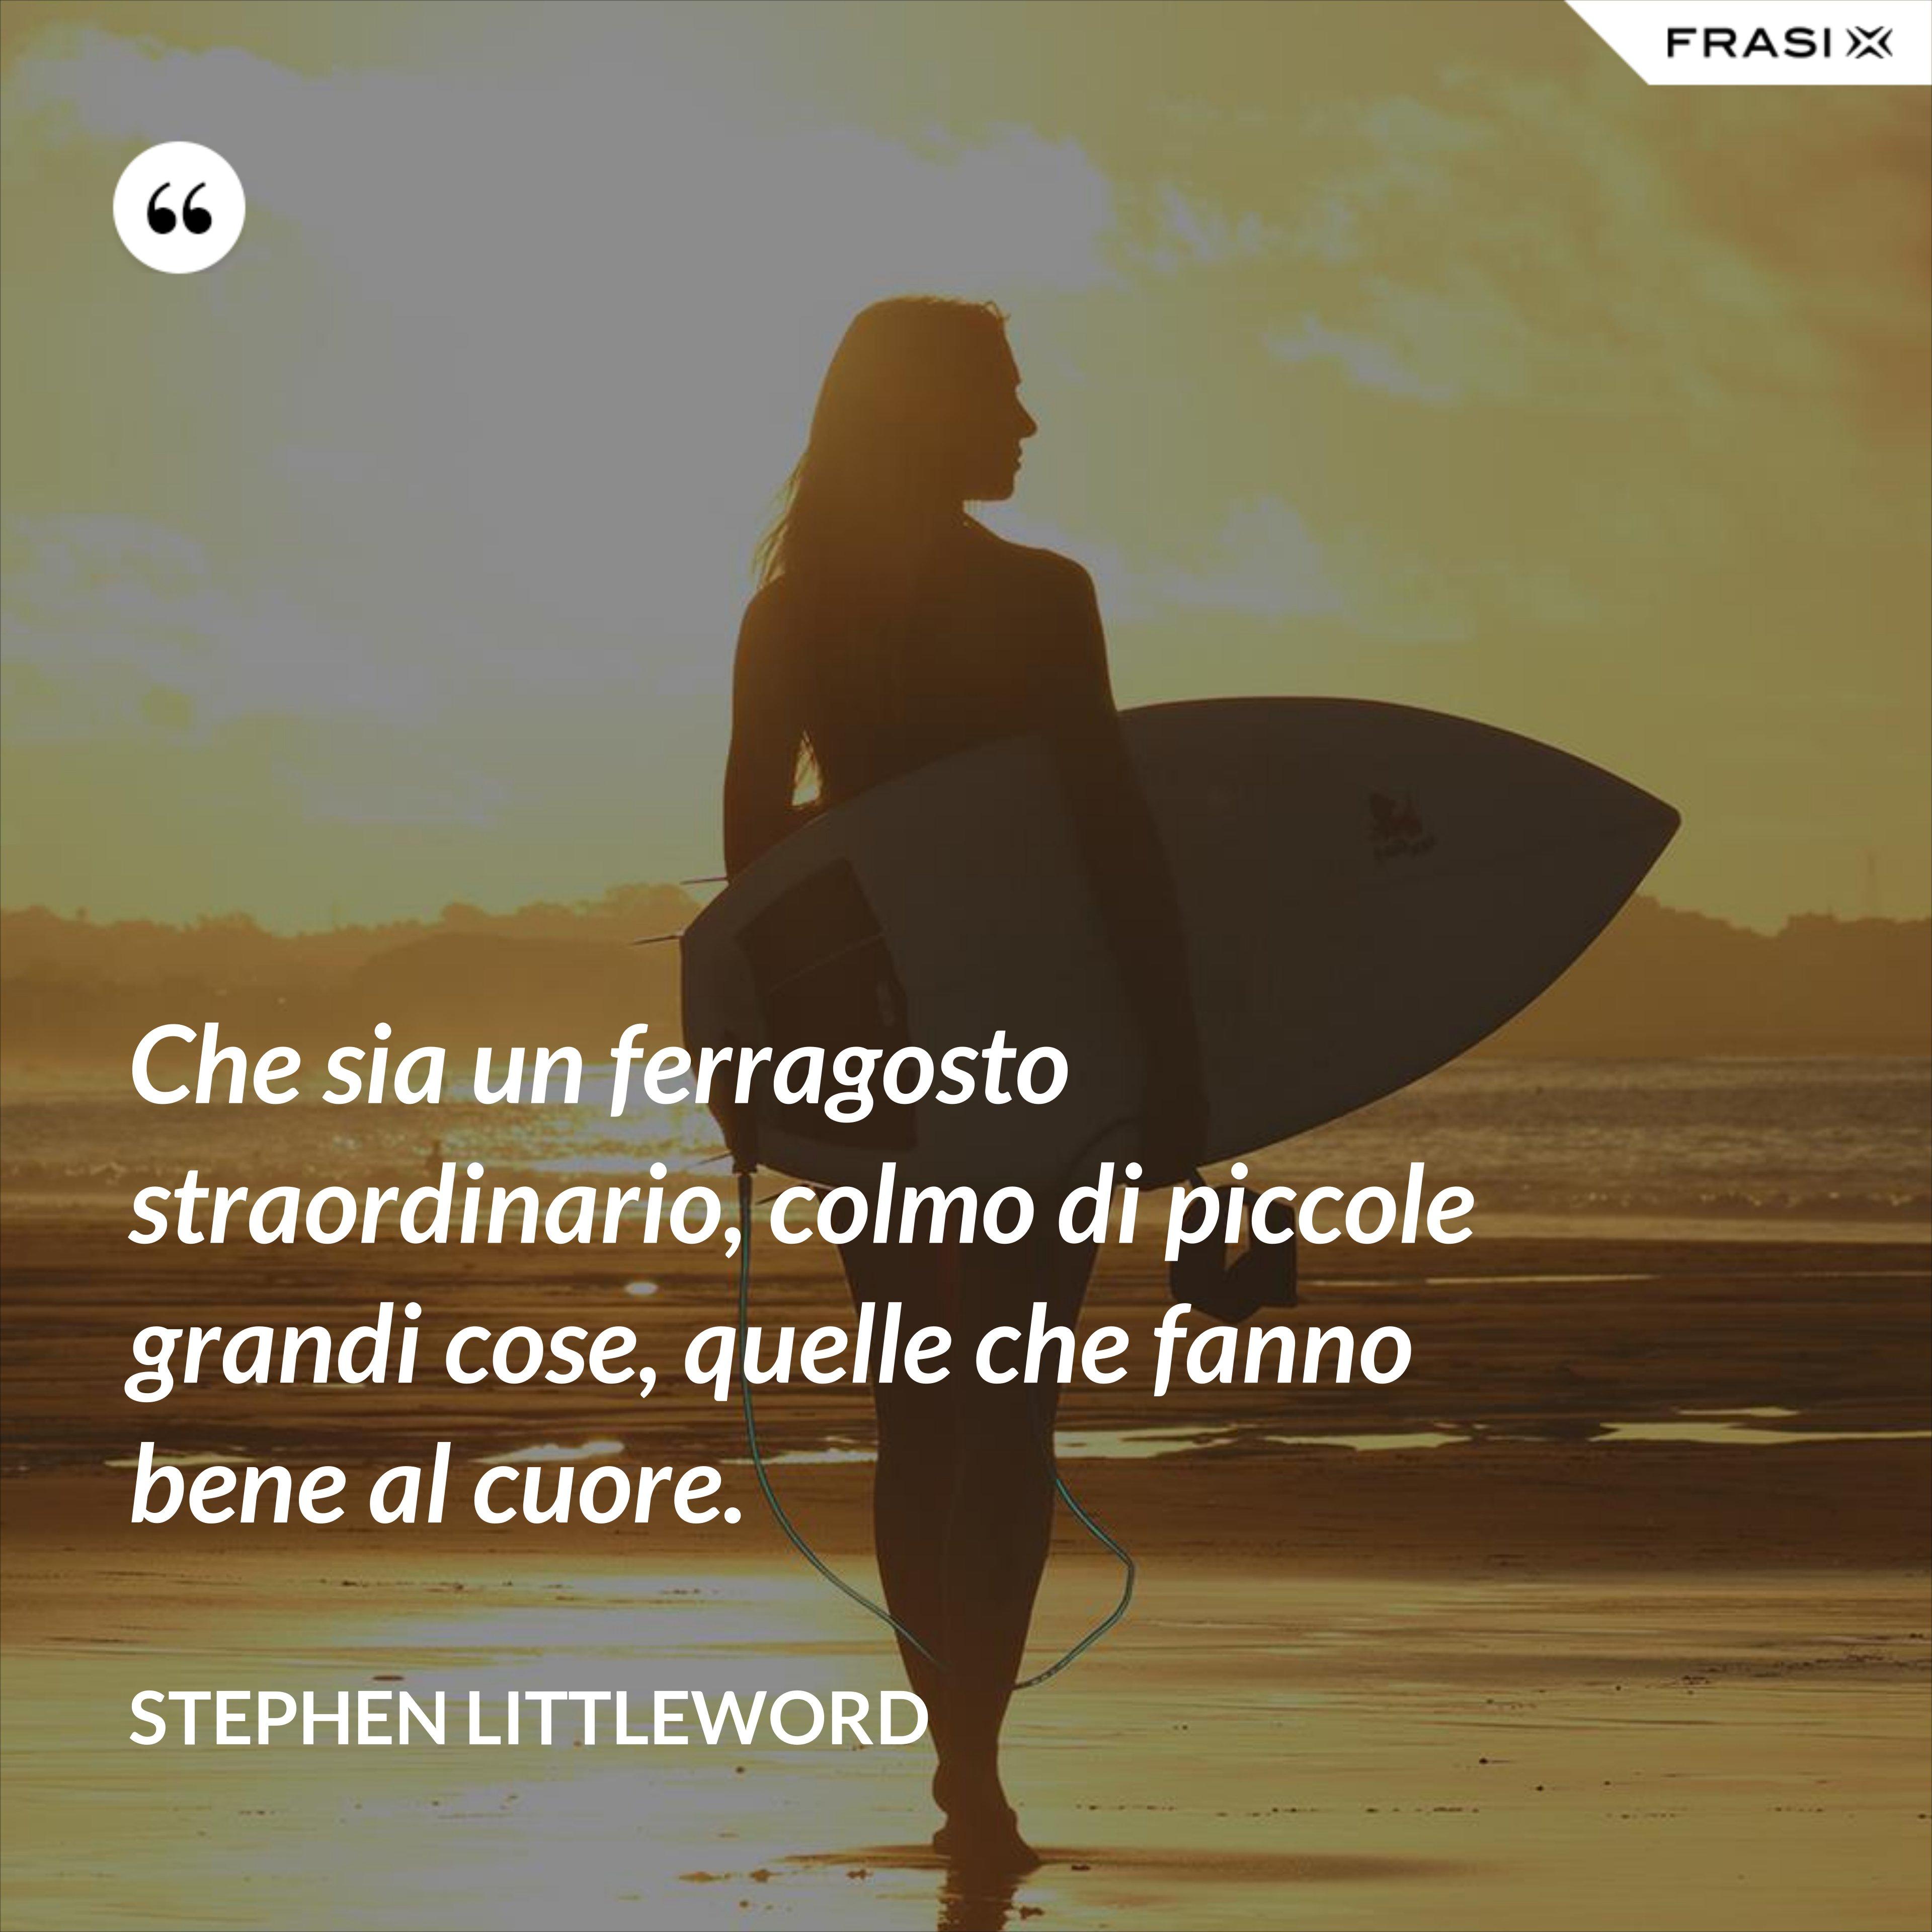 Che sia un ferragosto straordinario, colmo di piccole grandi cose, quelle che fanno bene al cuore. - Stephen Littleword